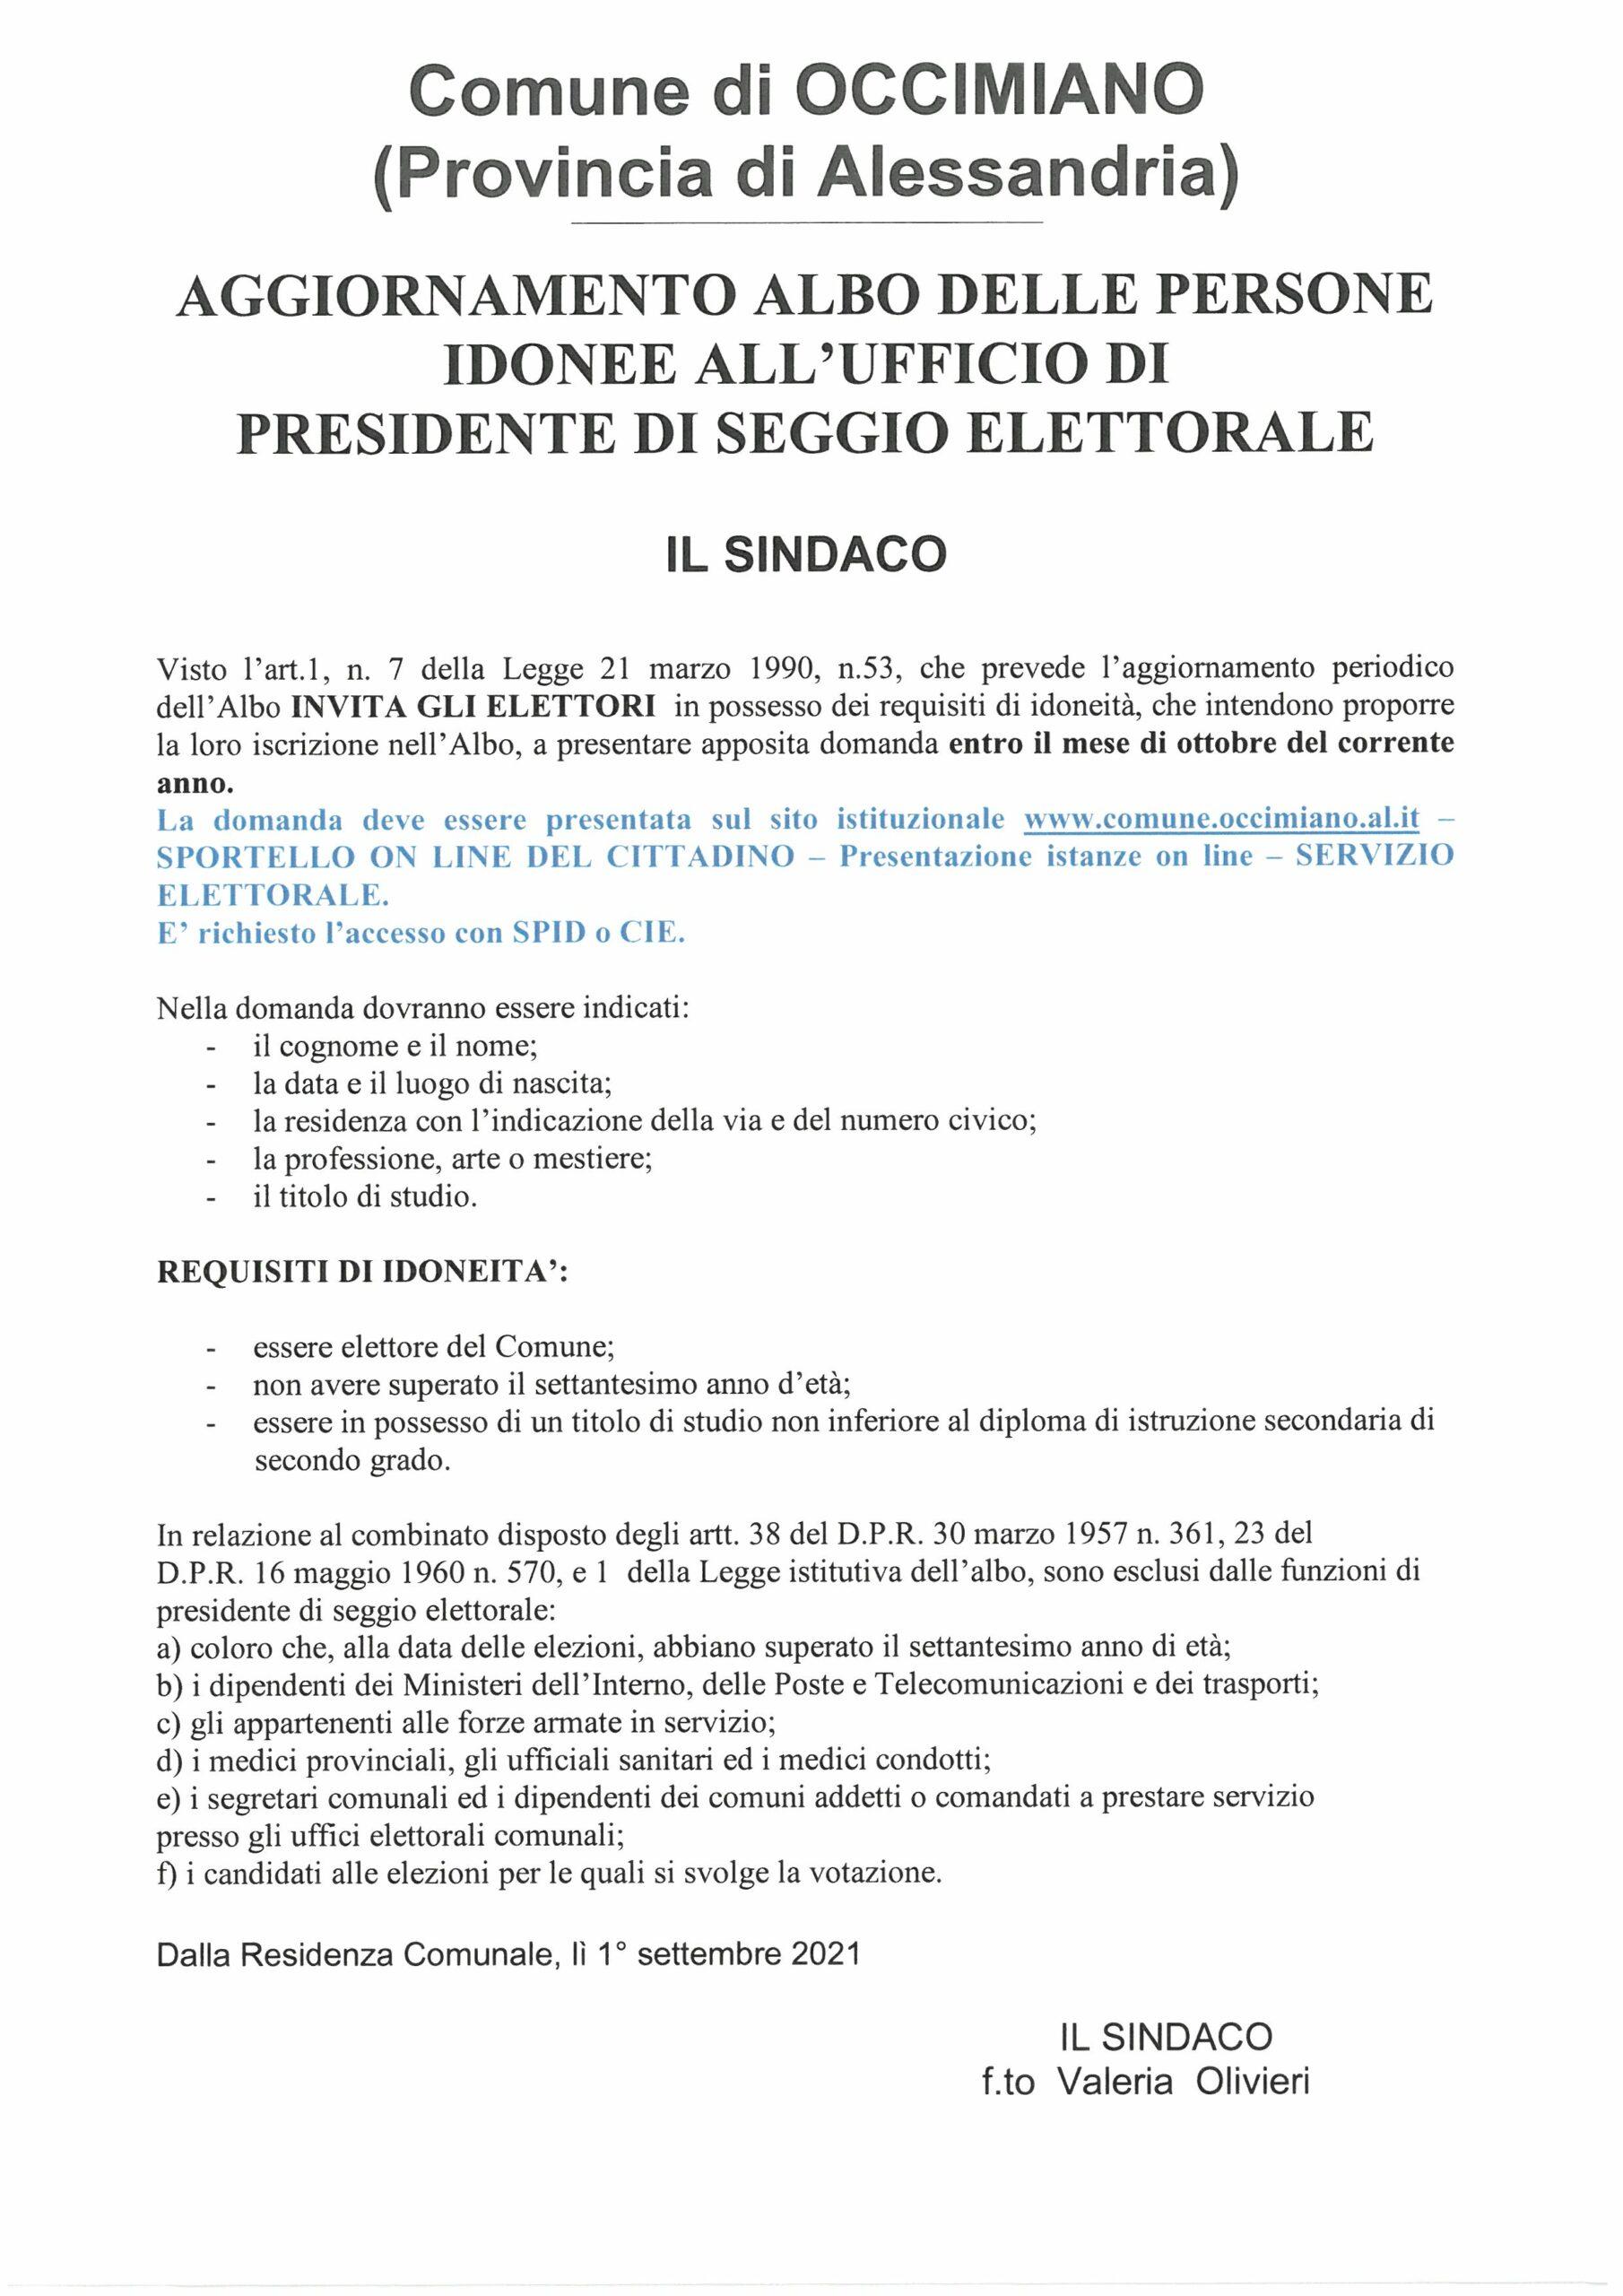 Iscrizione Albo Presidenti di Seggio Elettorale